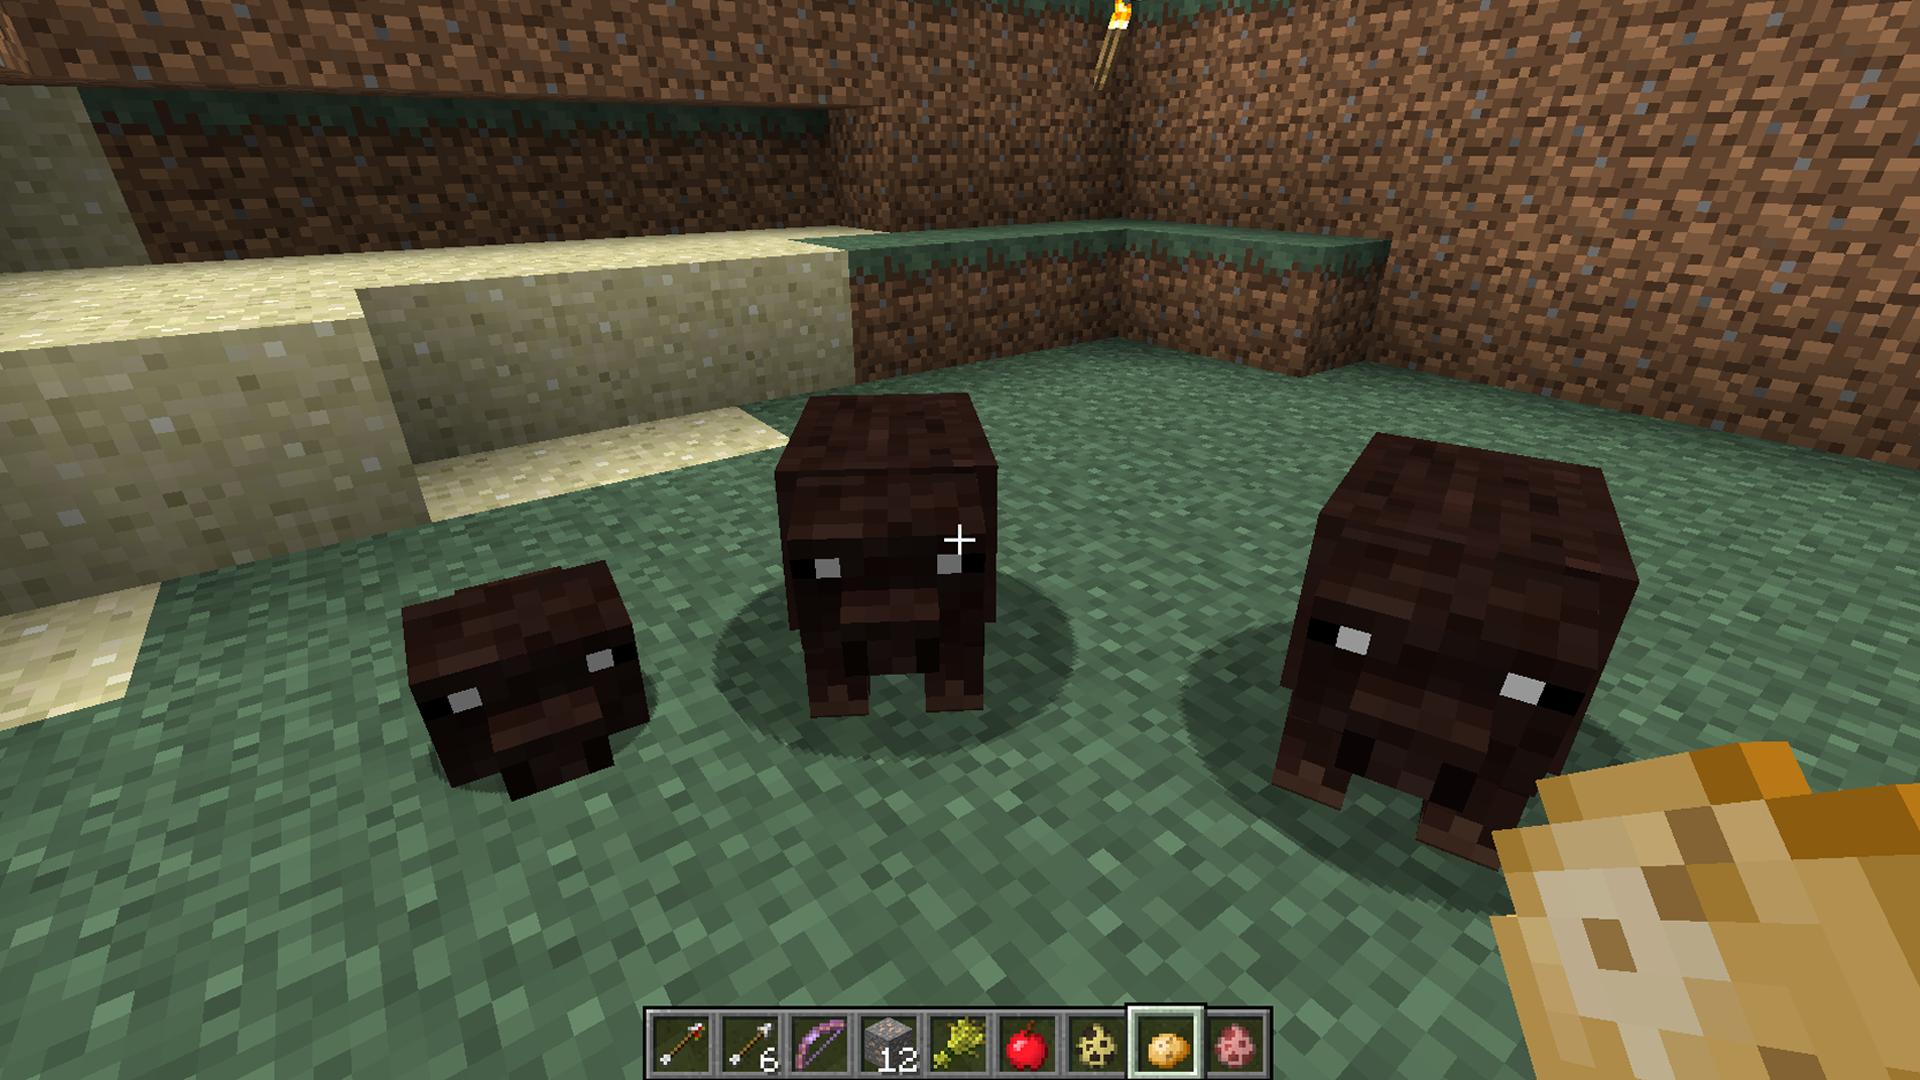 black sheep modding mods